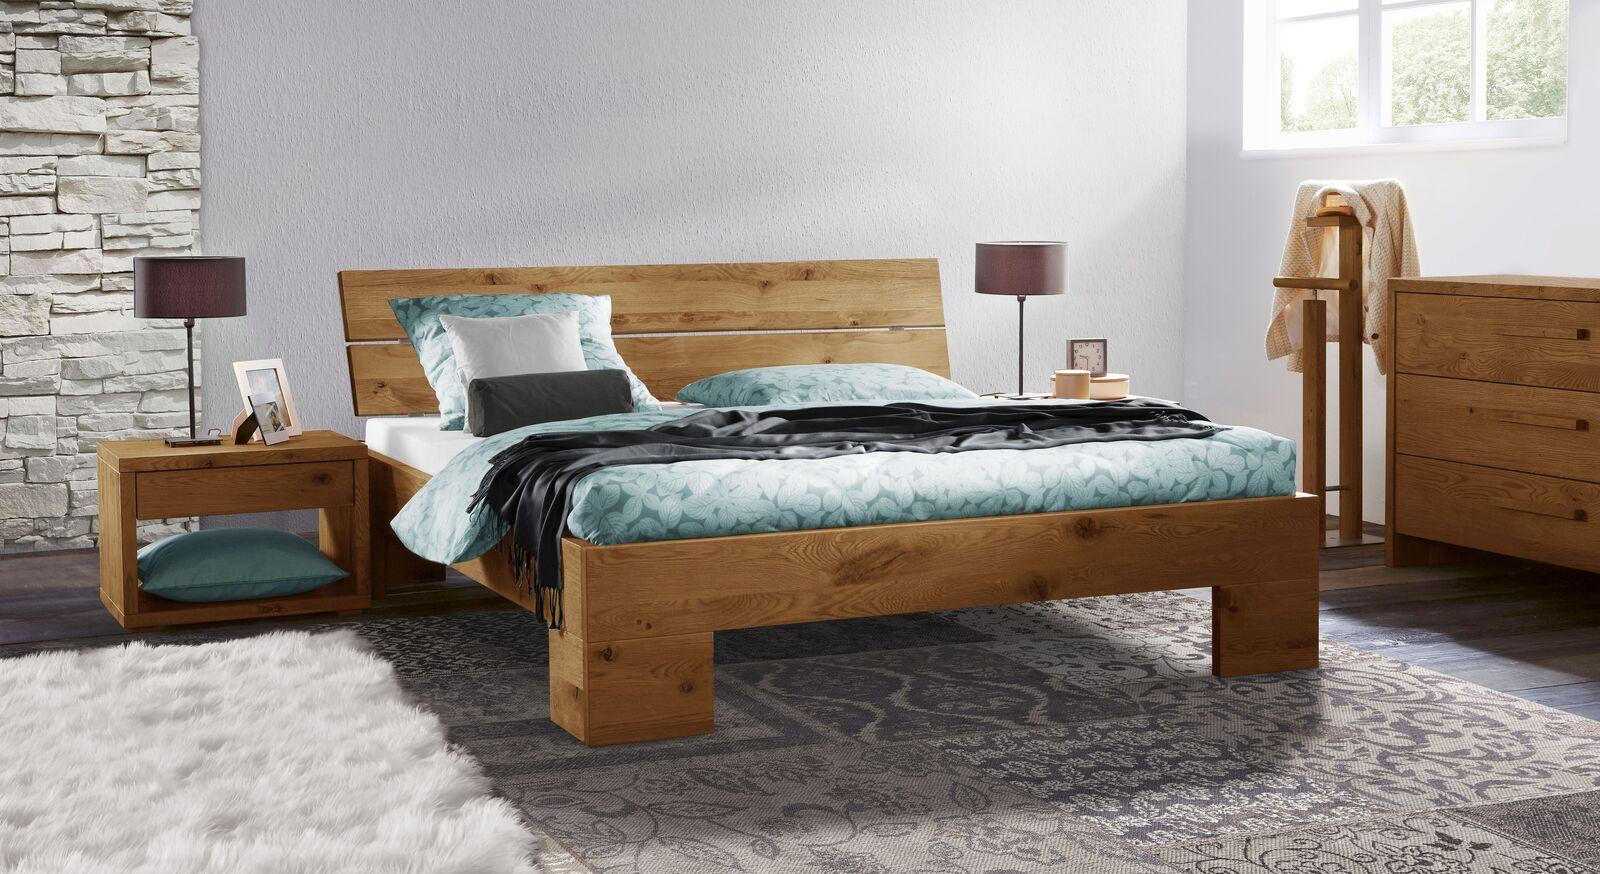 Holzbett Titao mit passenden Beimöbeln